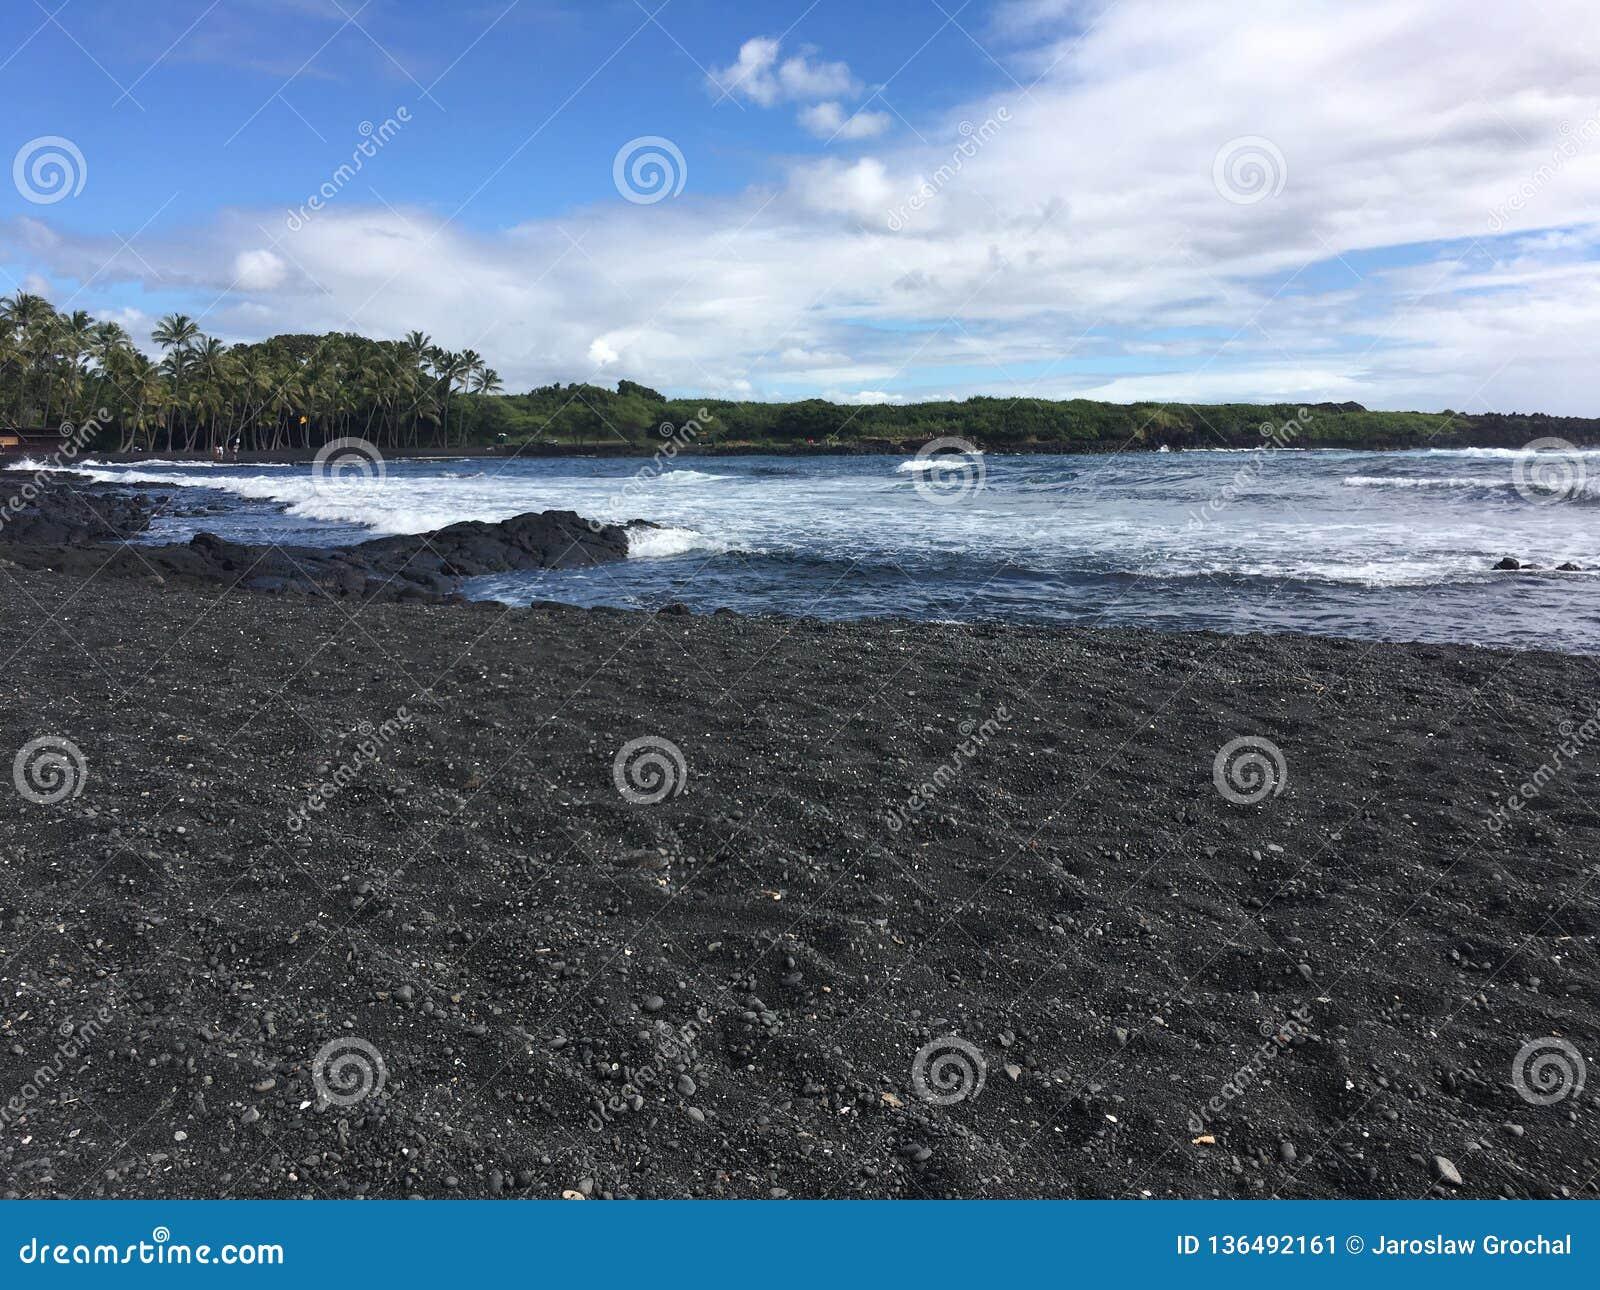 大岛黑色沙滩